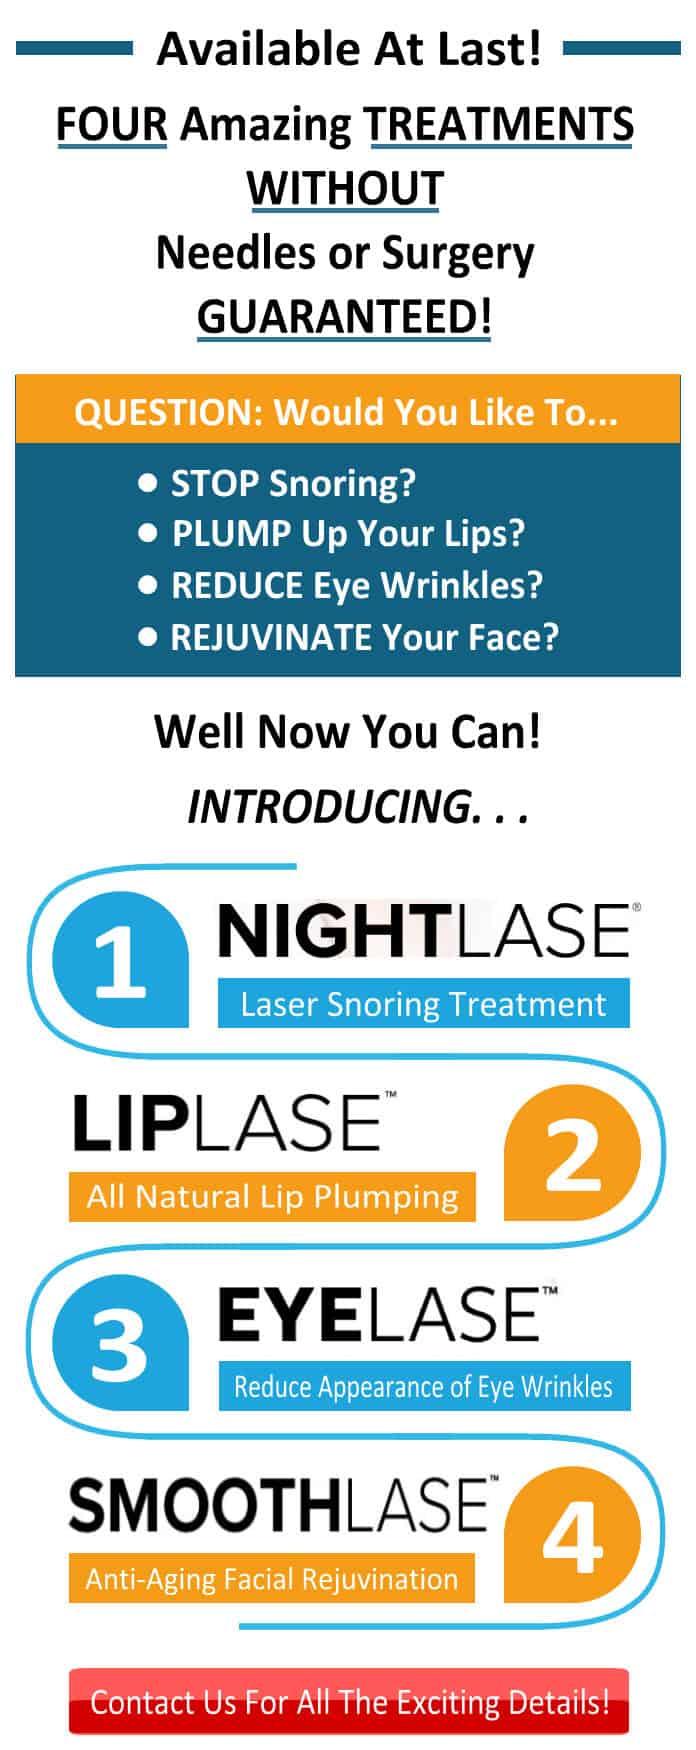 NightLase | LipLase | EyeLase | SmoothLase | SCDentalGroup.com | Dr. Steven Chang